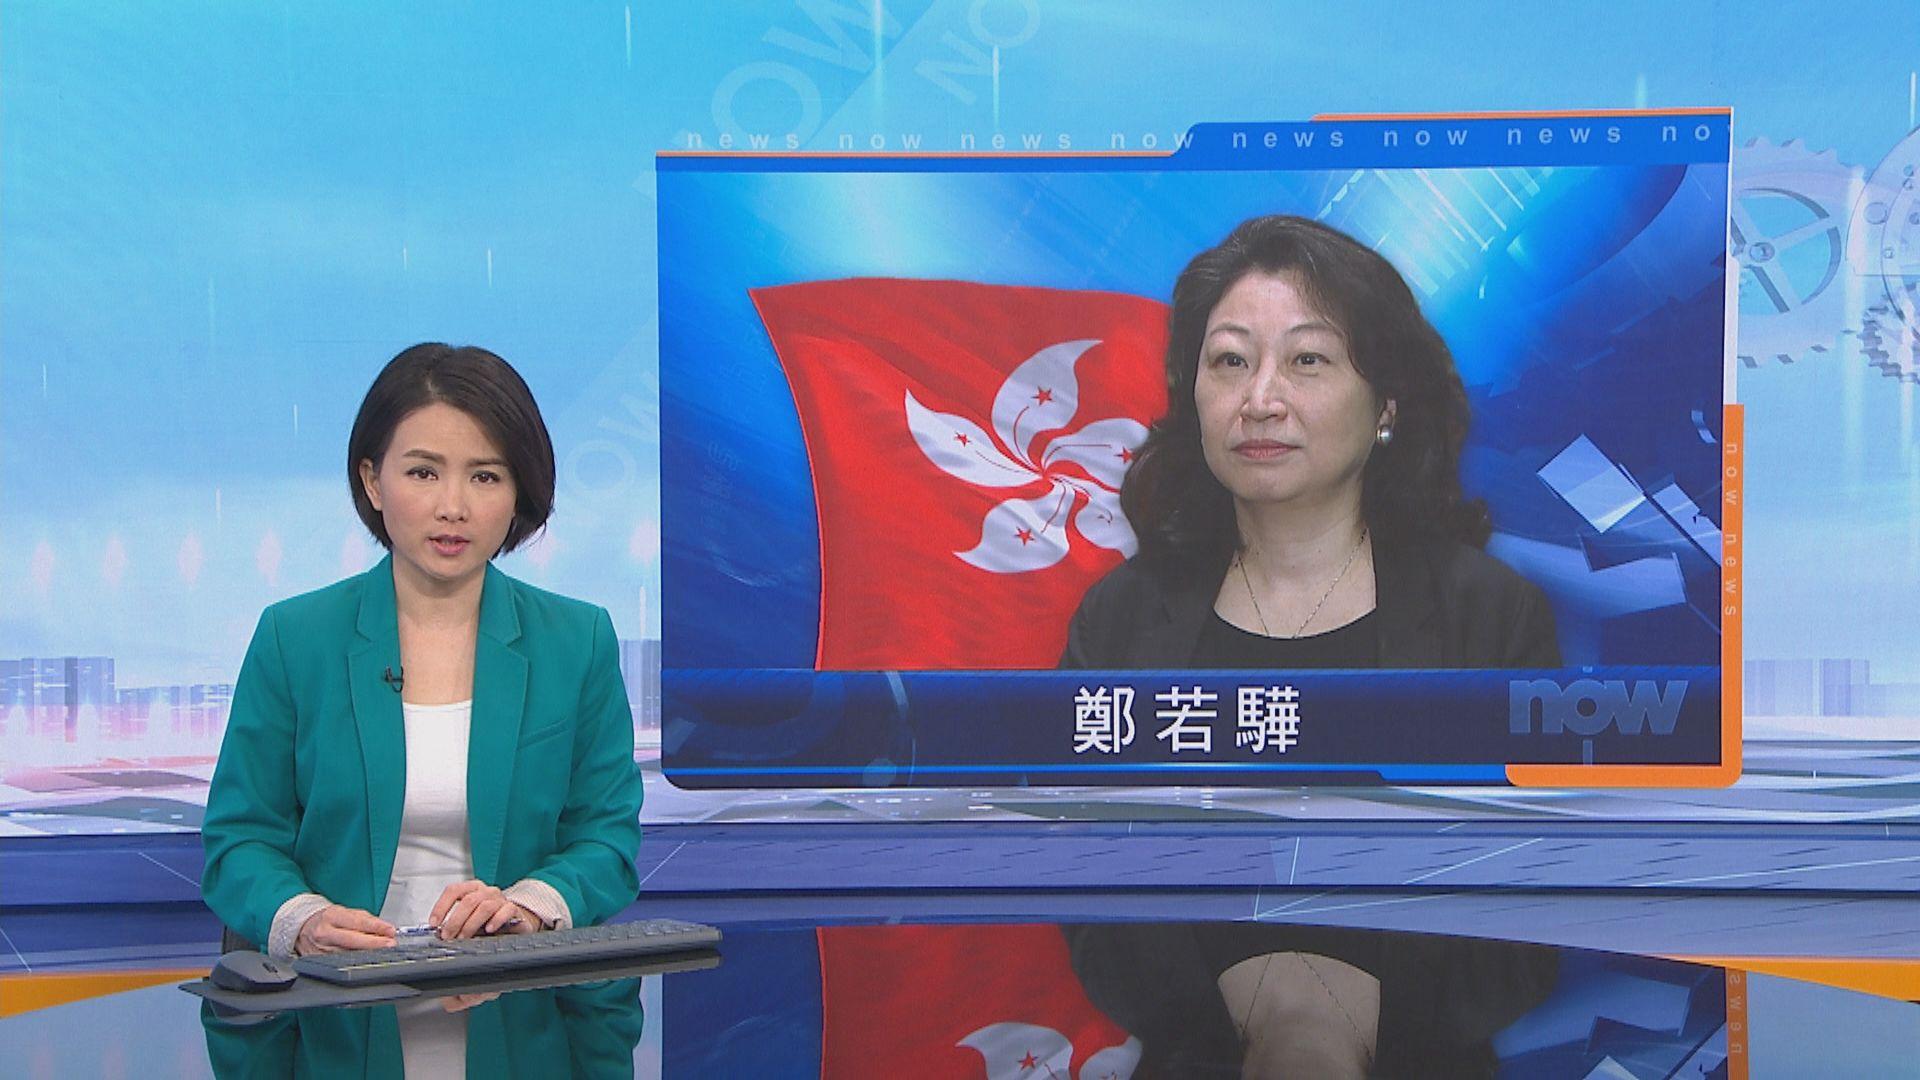 鄭若驊:違反國安法者應終身喪失參選及出任公職權力